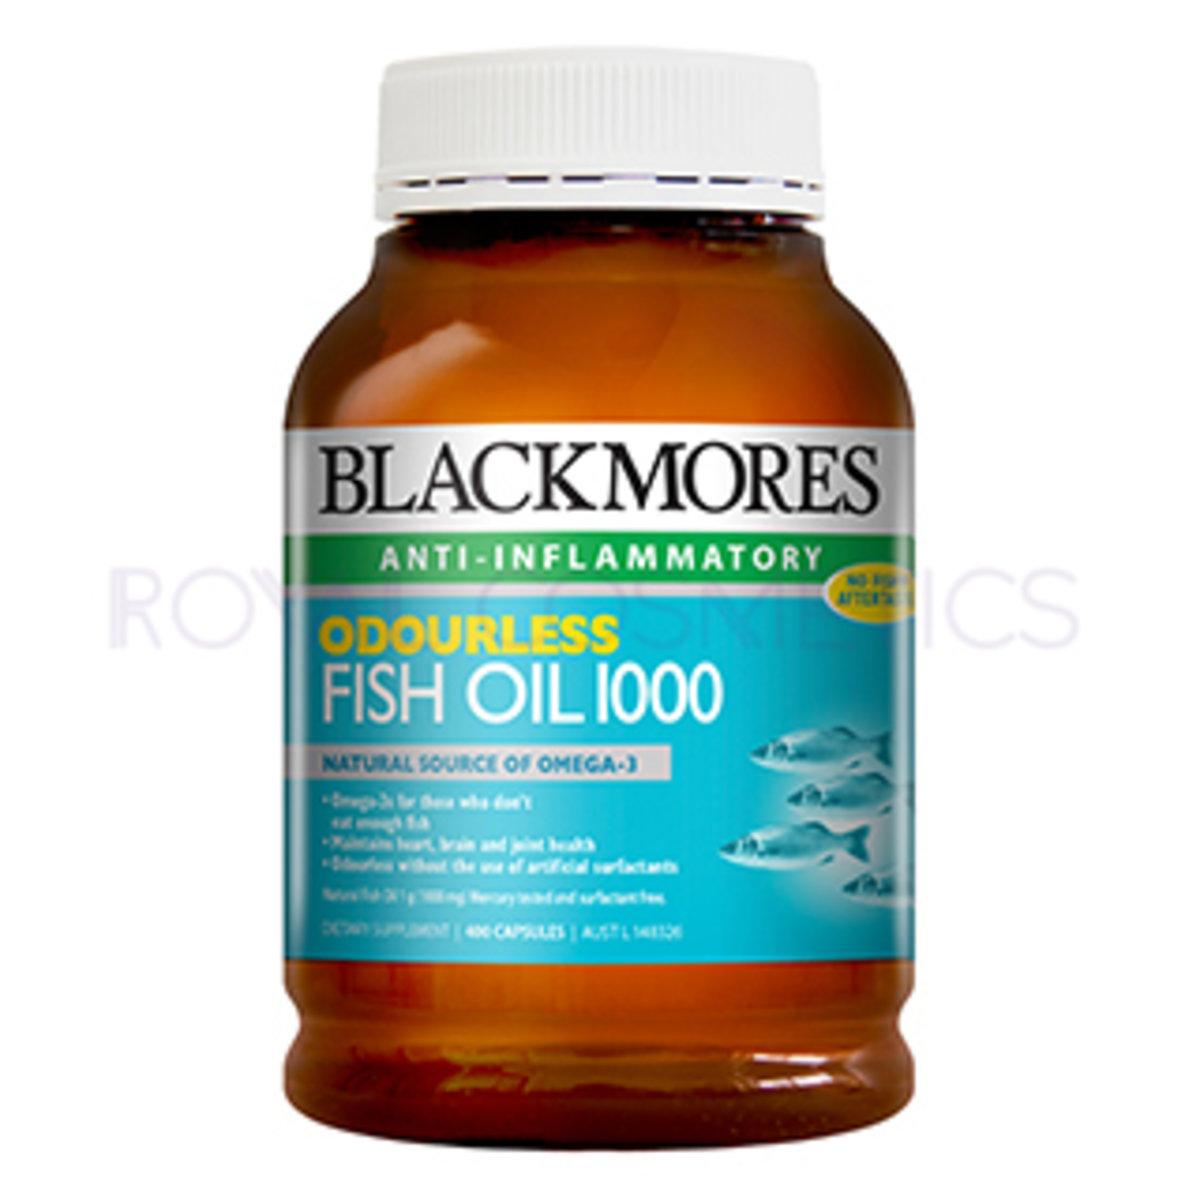 深海魚油 (無魚腥味) 400粒 (EXP.2020.10) [平行進口貨]